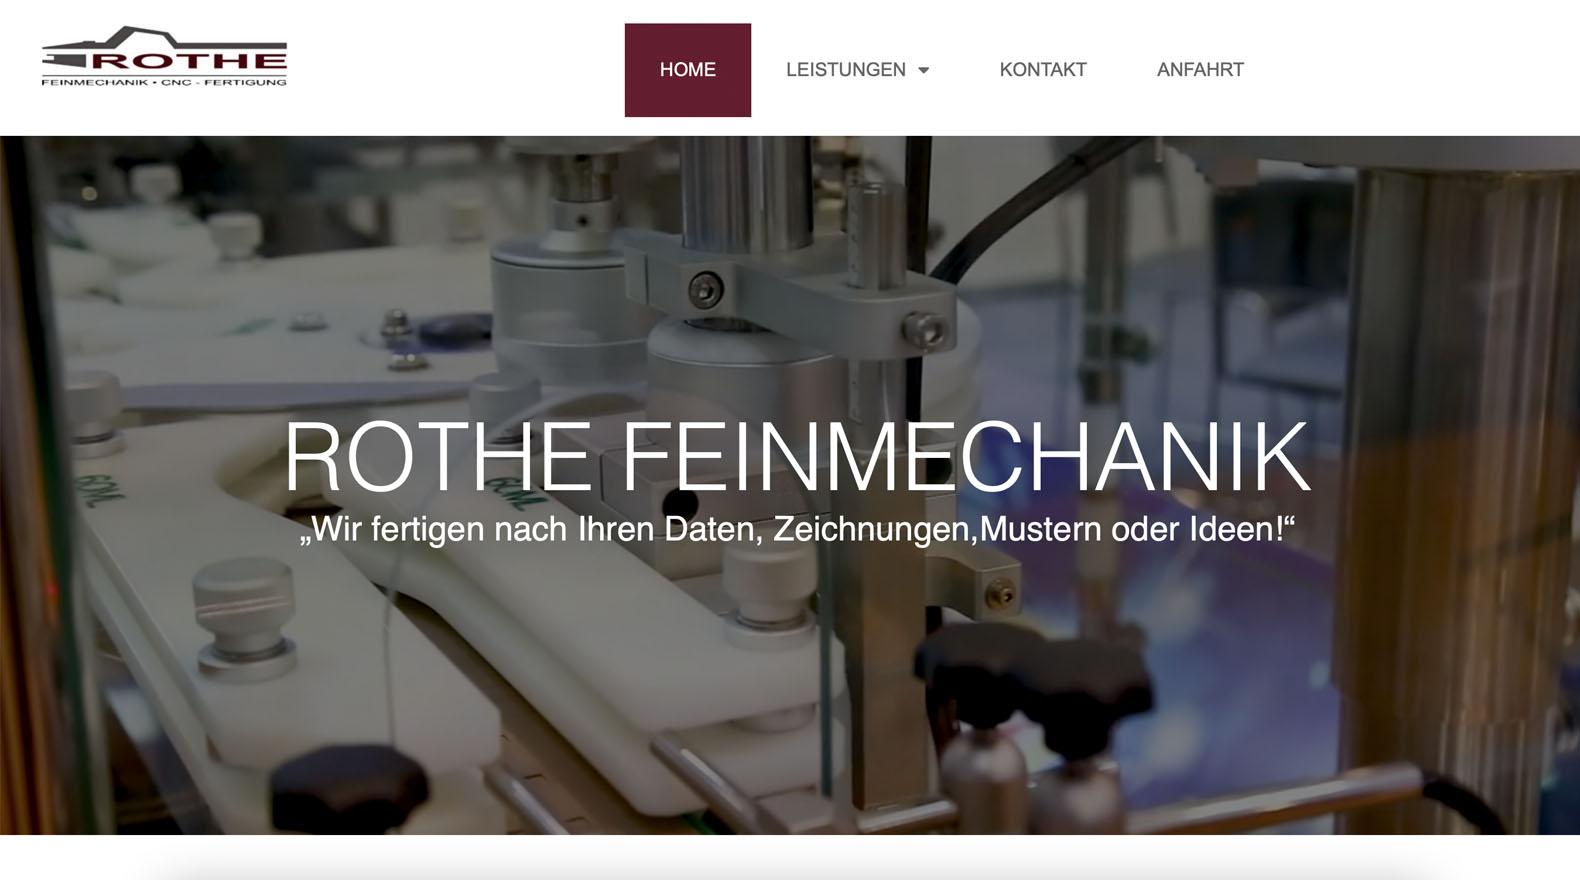 webprojekt-chemnitz-referenz-rothe